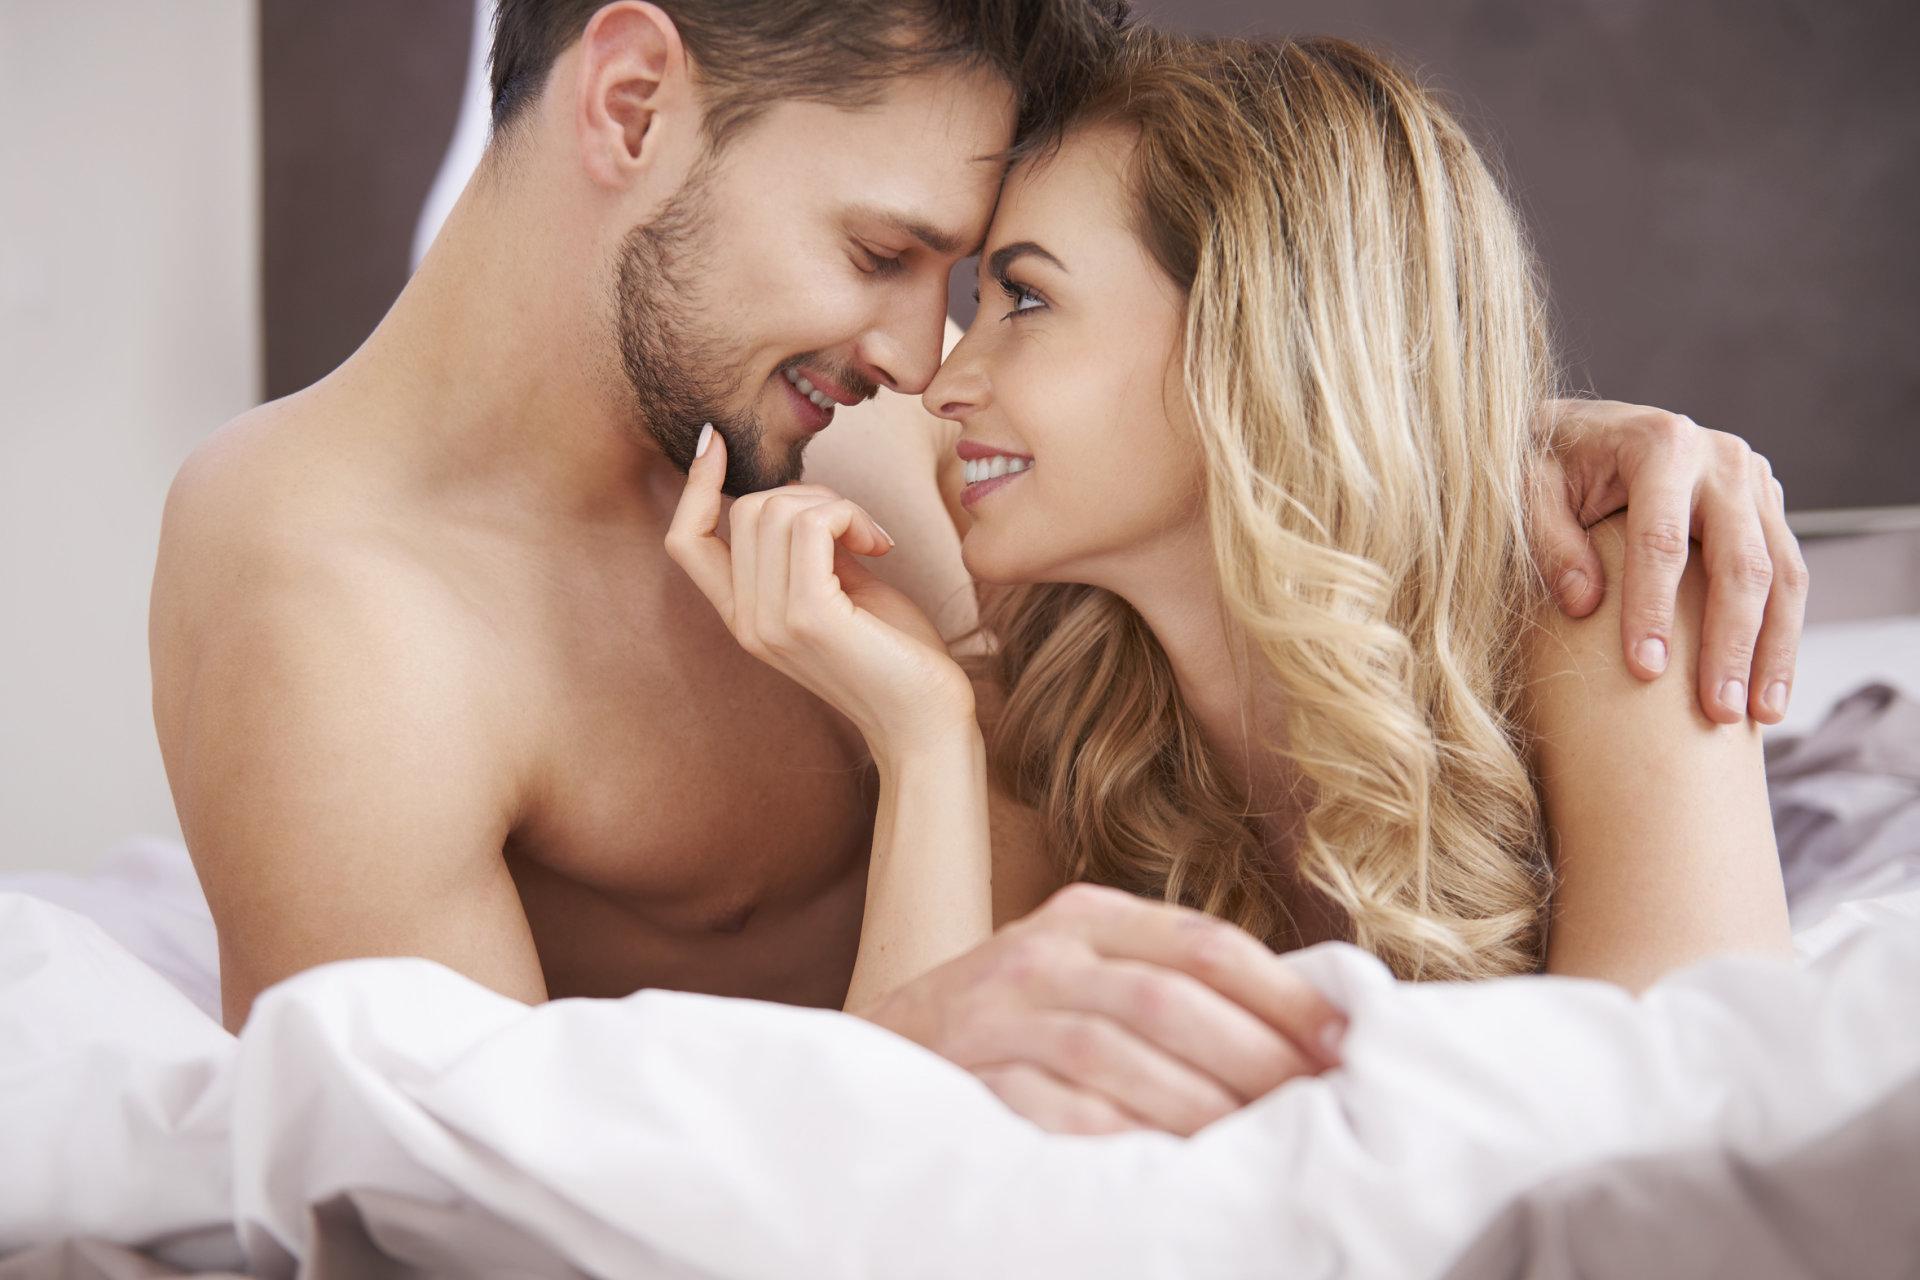 bloga erekcija po lytinių santykių kad būtų varpa